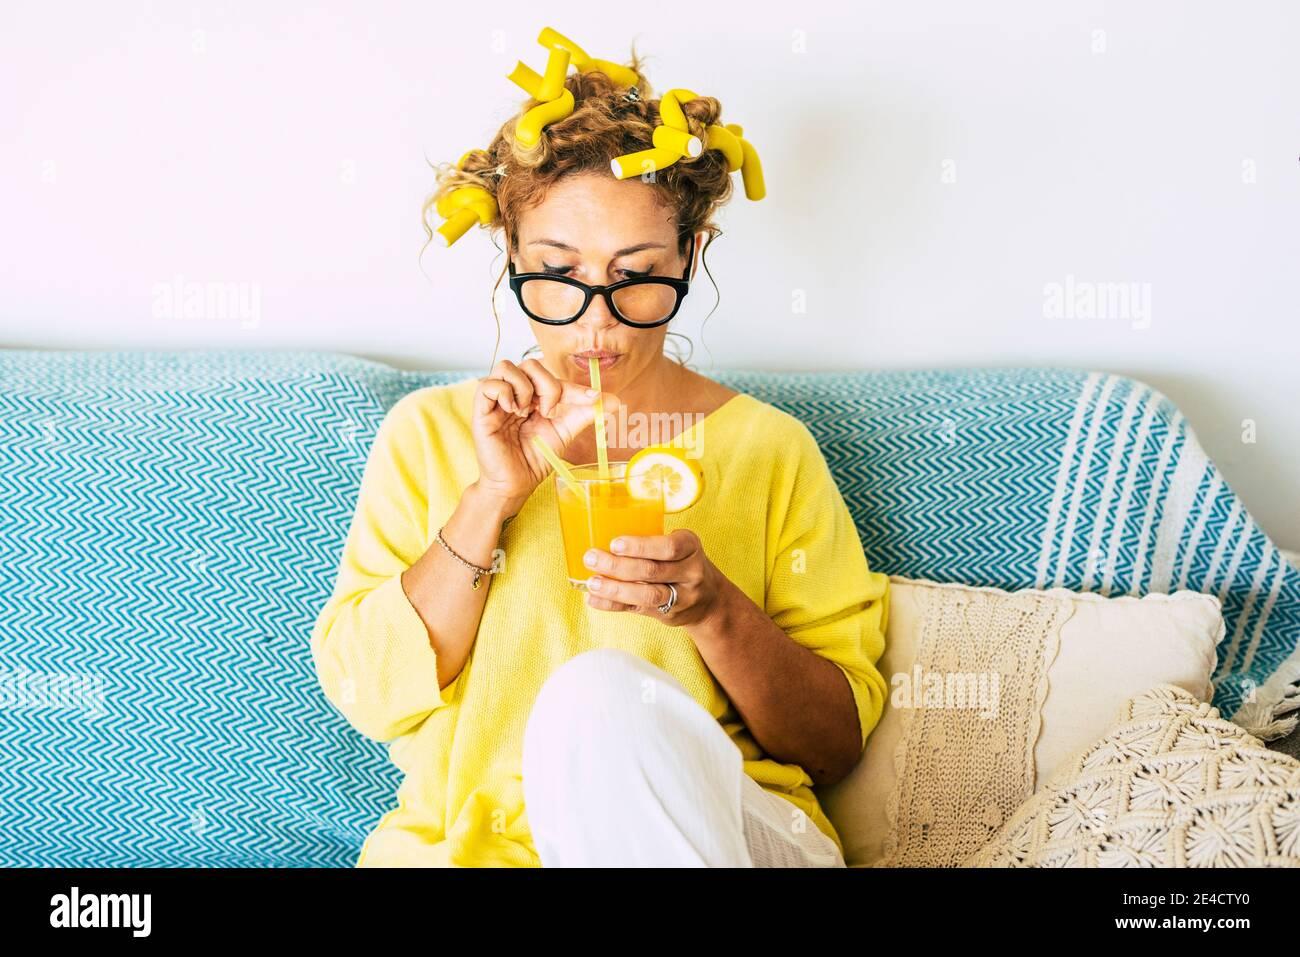 Colori gialli ritratto di bella giovane donna adulta caucasica che beve succo d'arancia sano a casa con arricciacapelli e divano blu in background - concetto di salute e stile di vita per le persone Foto Stock